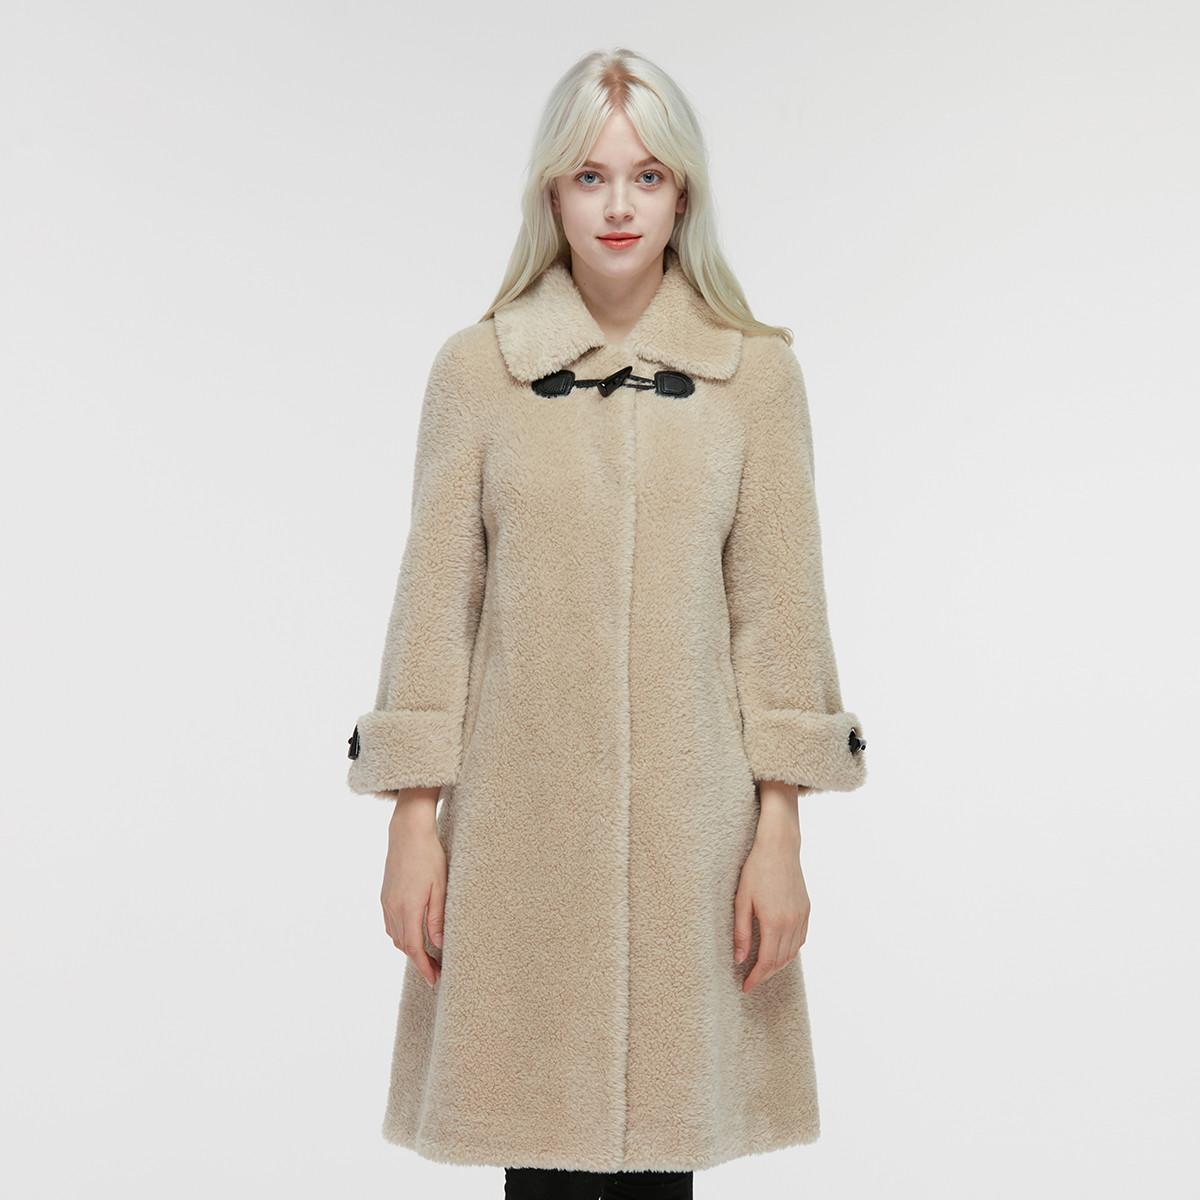 奥索洛时尚休闲韩版百搭长款羊毛大衣颗粒绒复合皮毛一体保暖皮草外套女ZW049490773